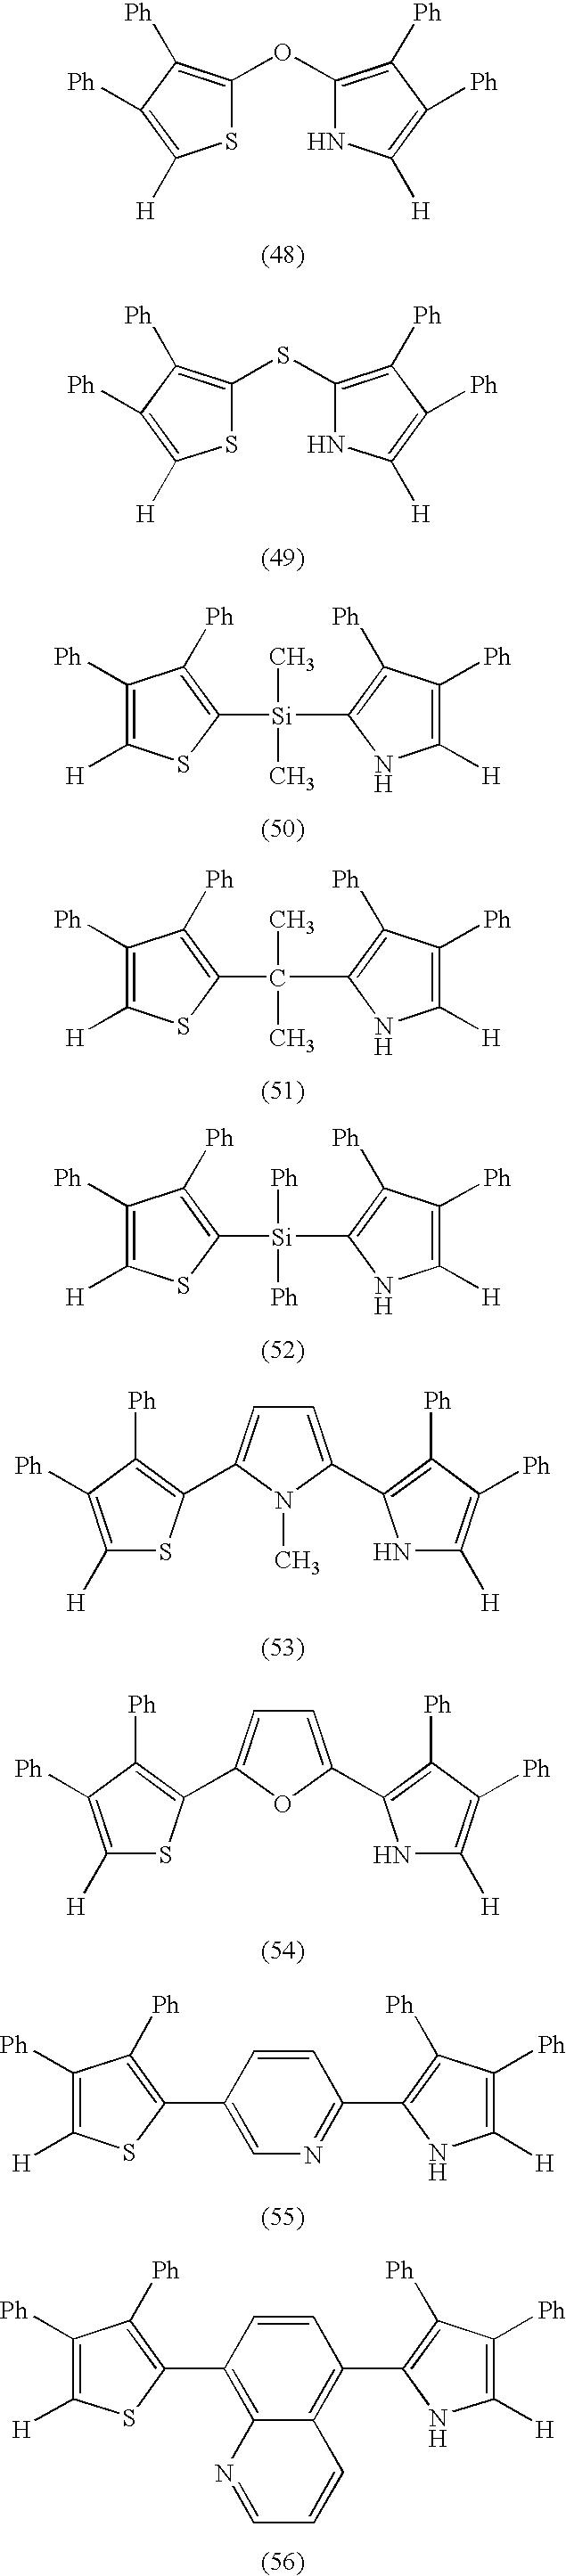 Figure US07871714-20110118-C00015